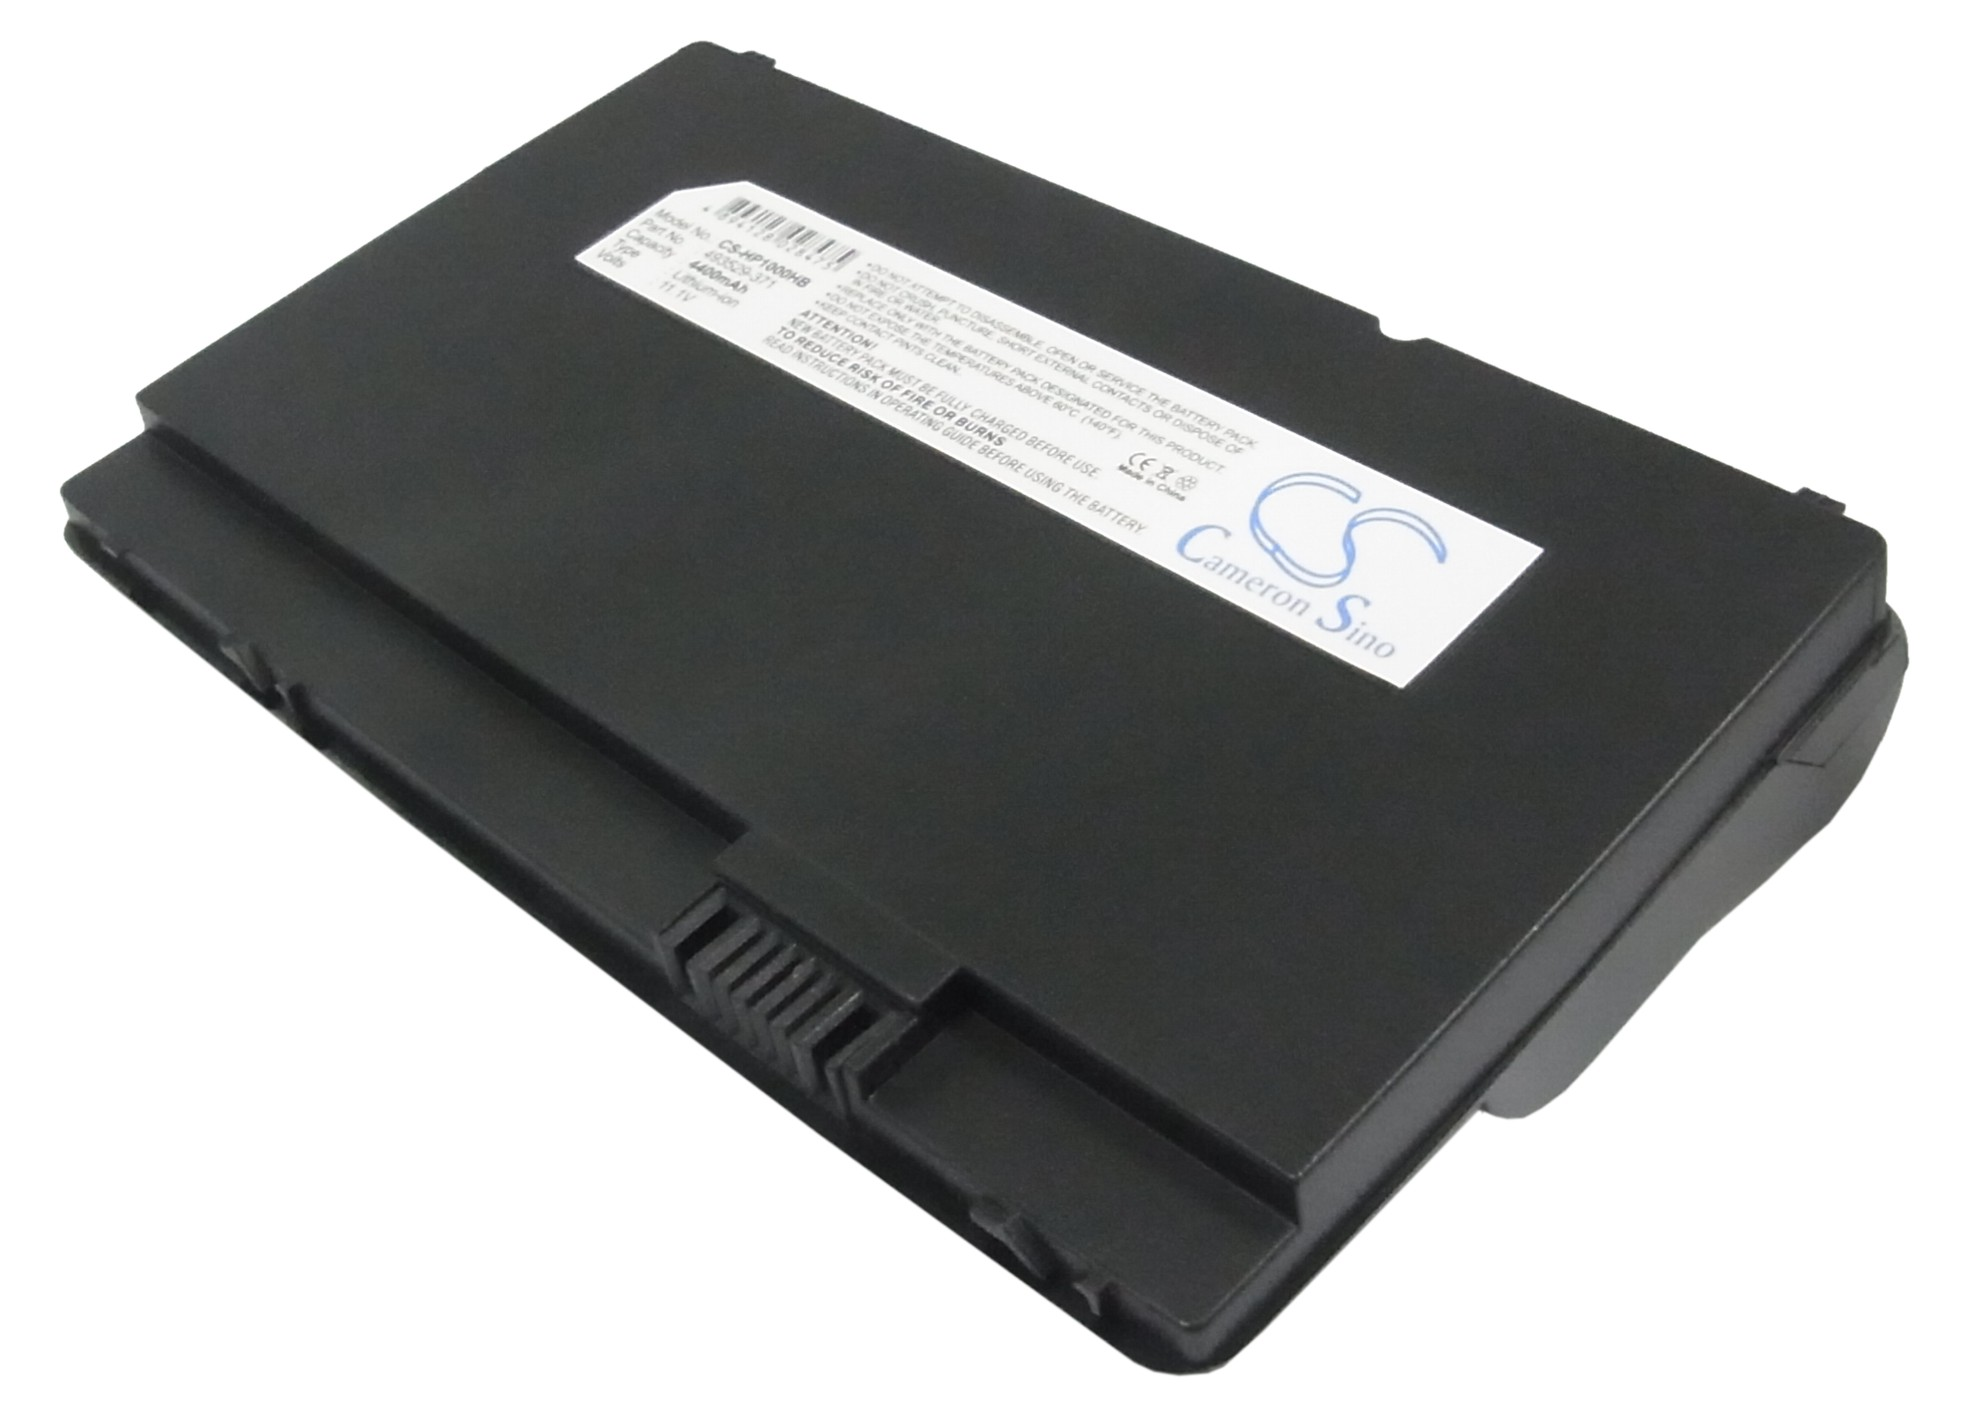 Cameron Sino baterie do notebooků pro HP Mini 1151NR 11.1V Li-ion 4400mAh černá - neoriginální